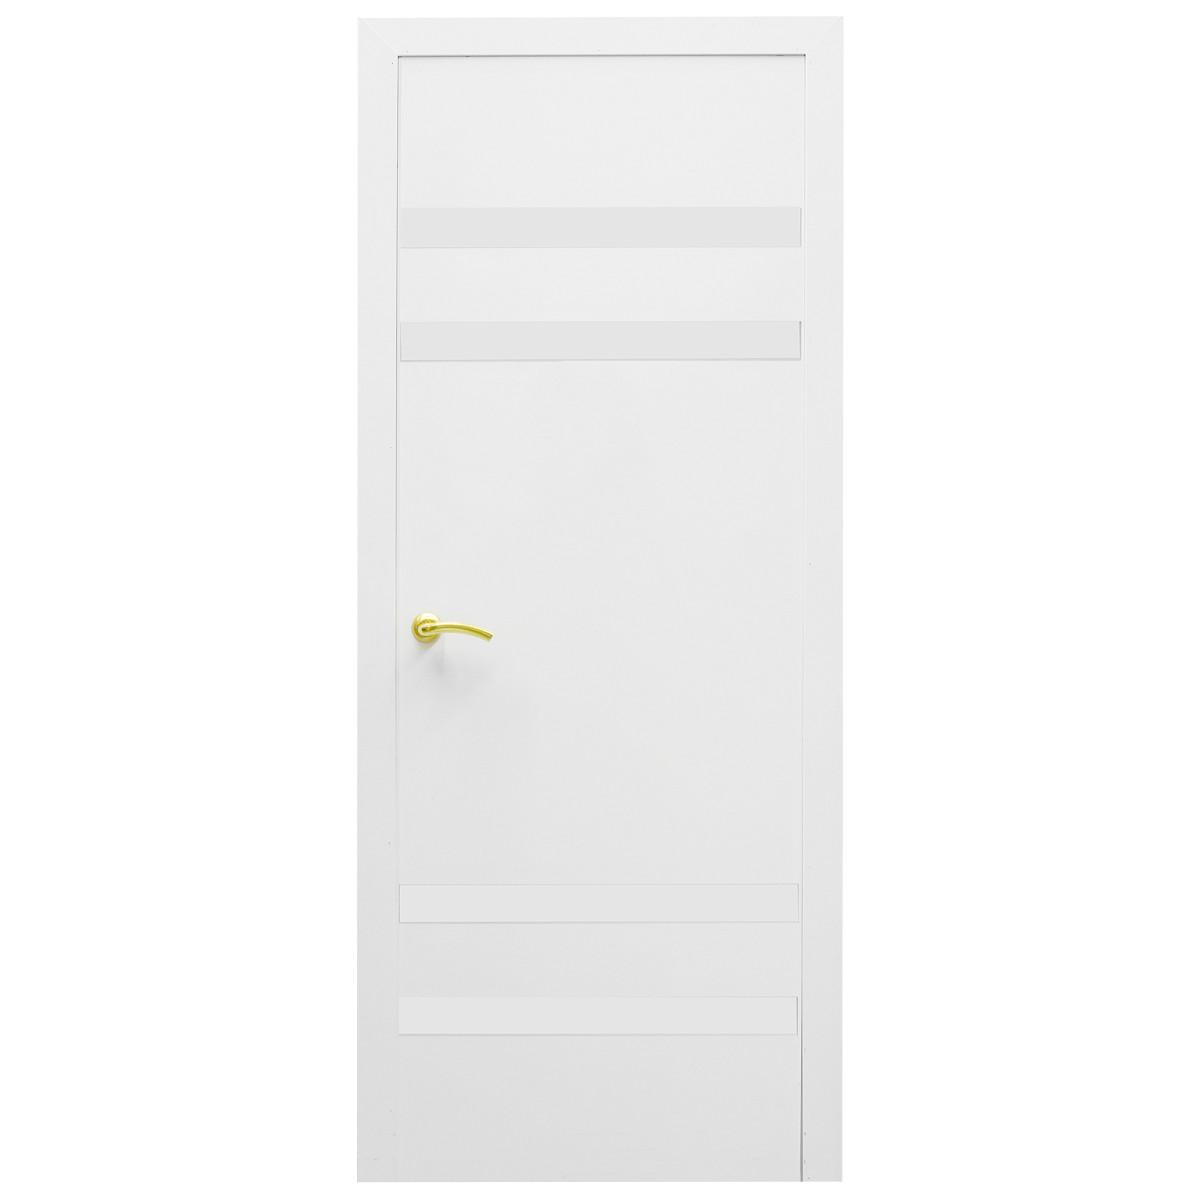 Дверь межкомнатная остеклённая Модерн 70x200 см ламинация цвет белый